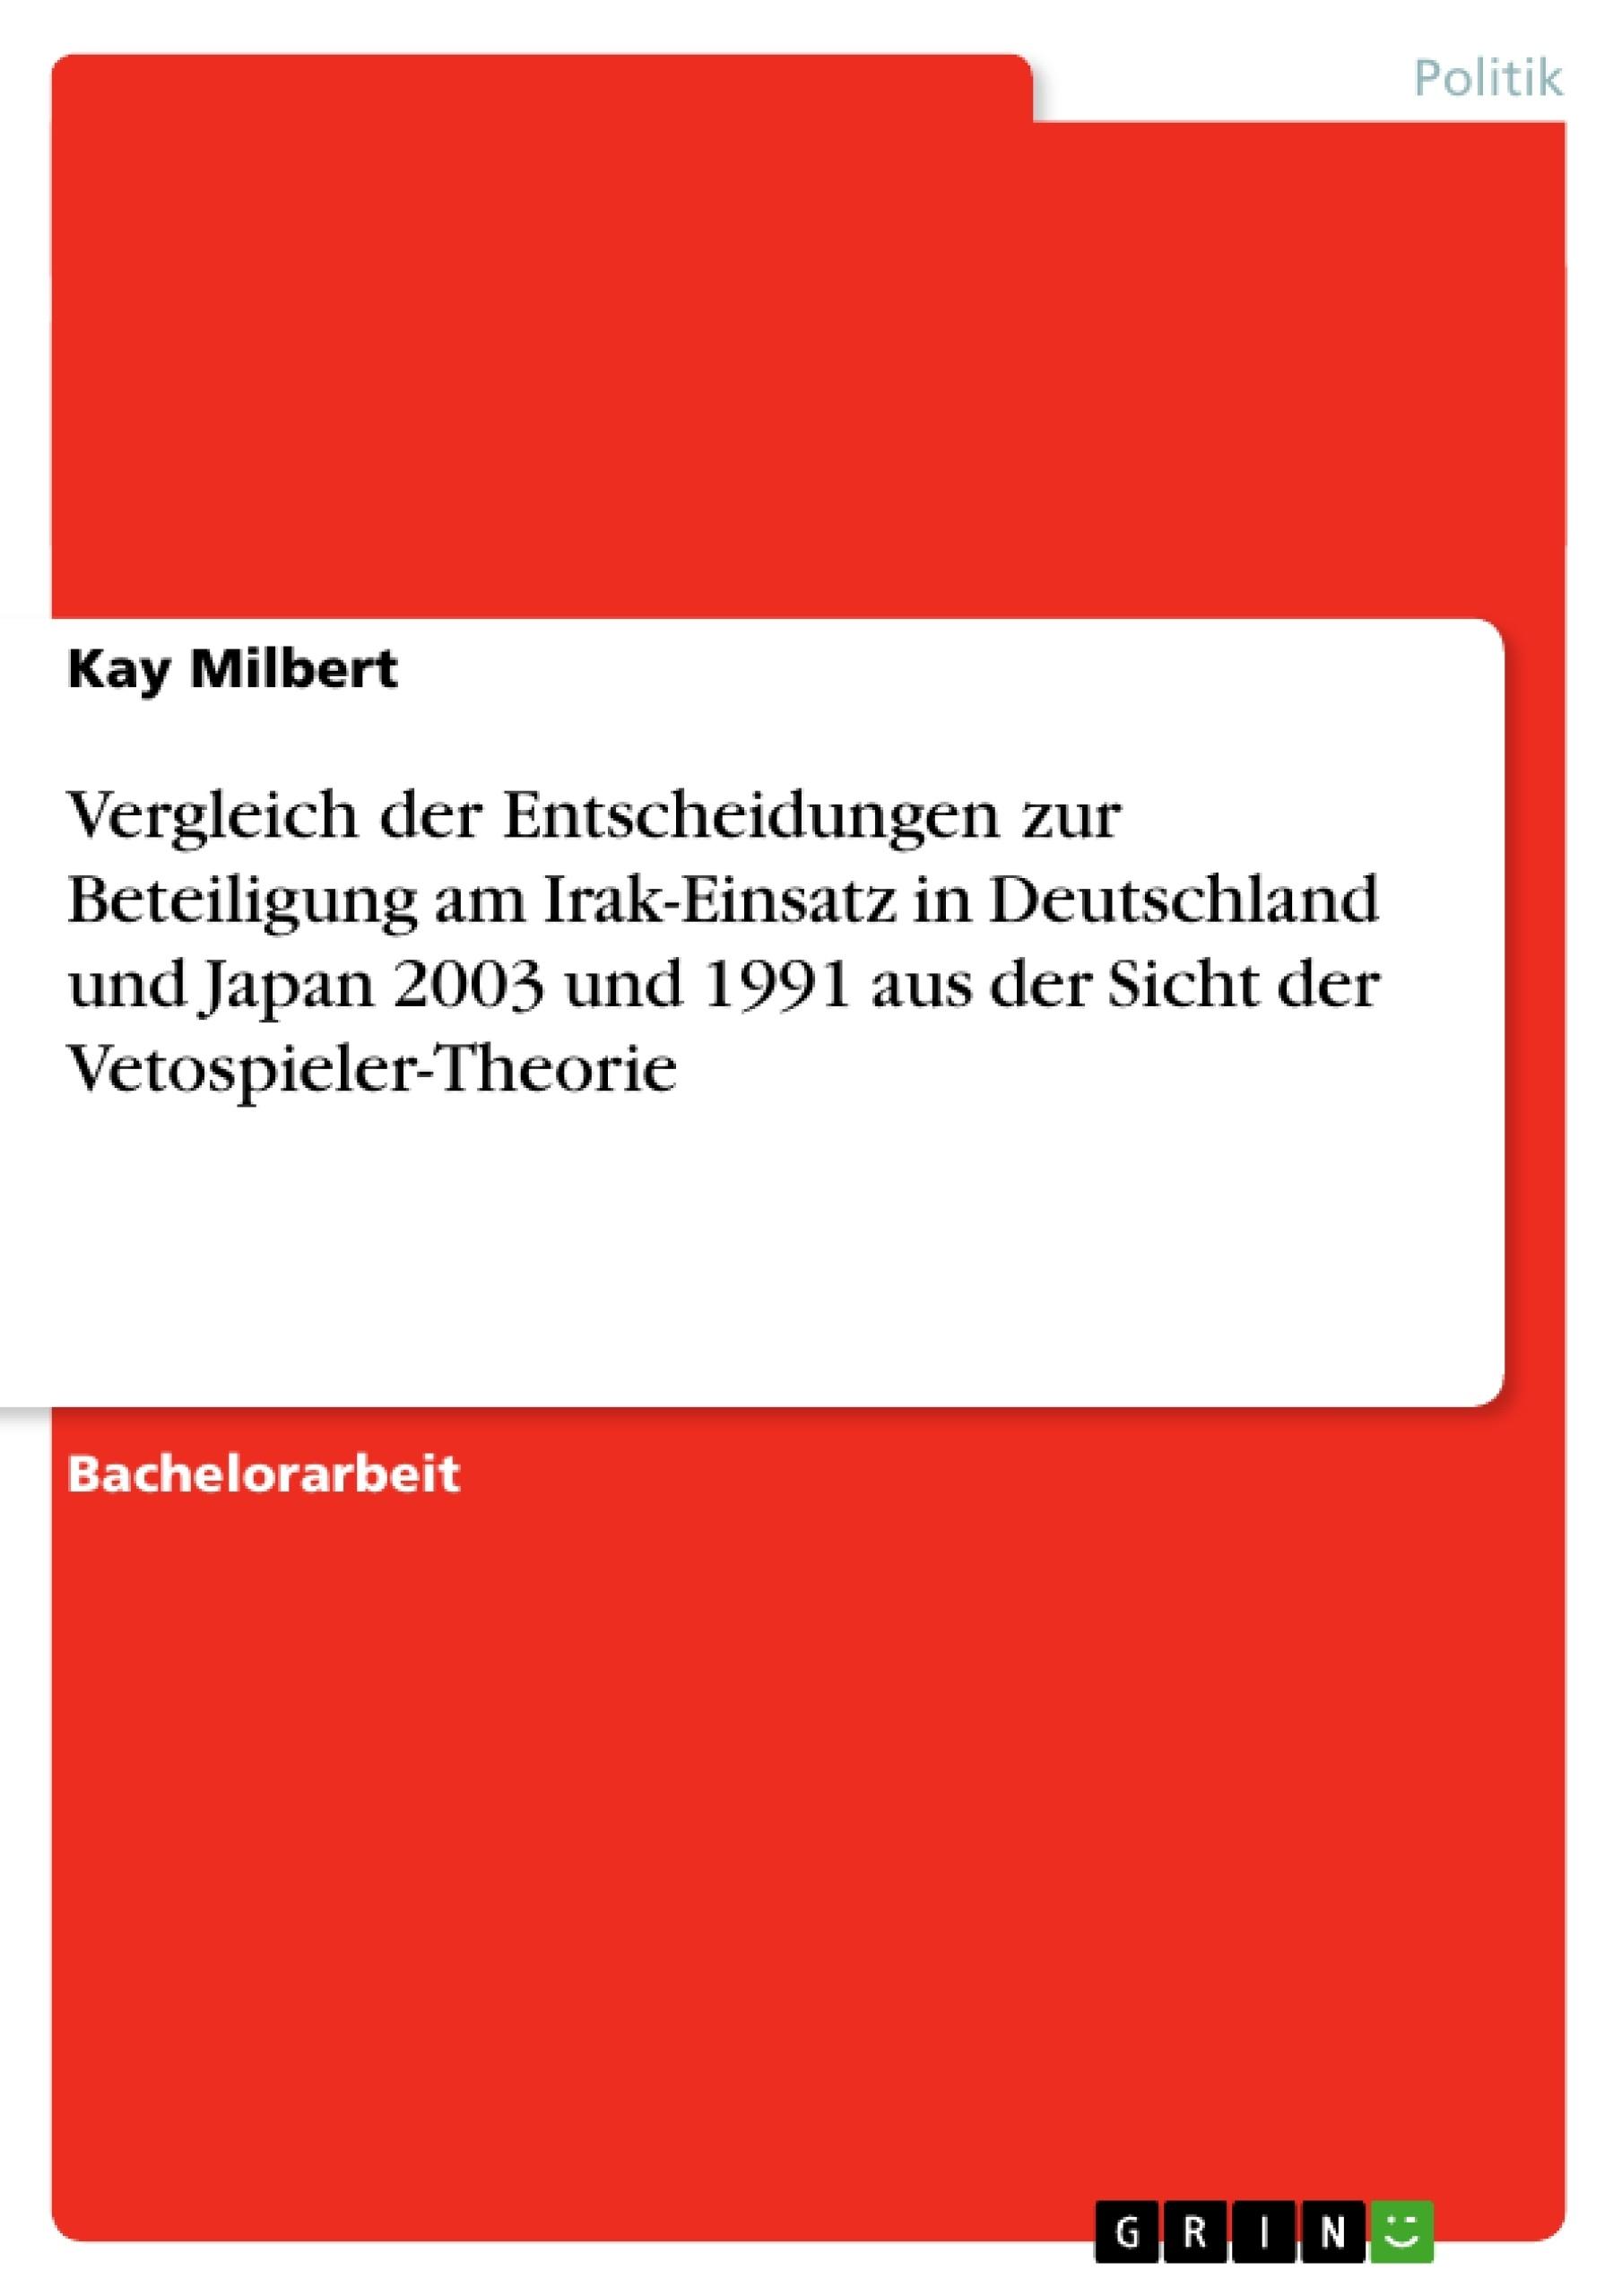 Titel: Vergleich der Entscheidungen zur Beteiligung am Irak-Einsatz in Deutschland und Japan 2003 und 1991 aus der Sicht der Vetospieler-Theorie